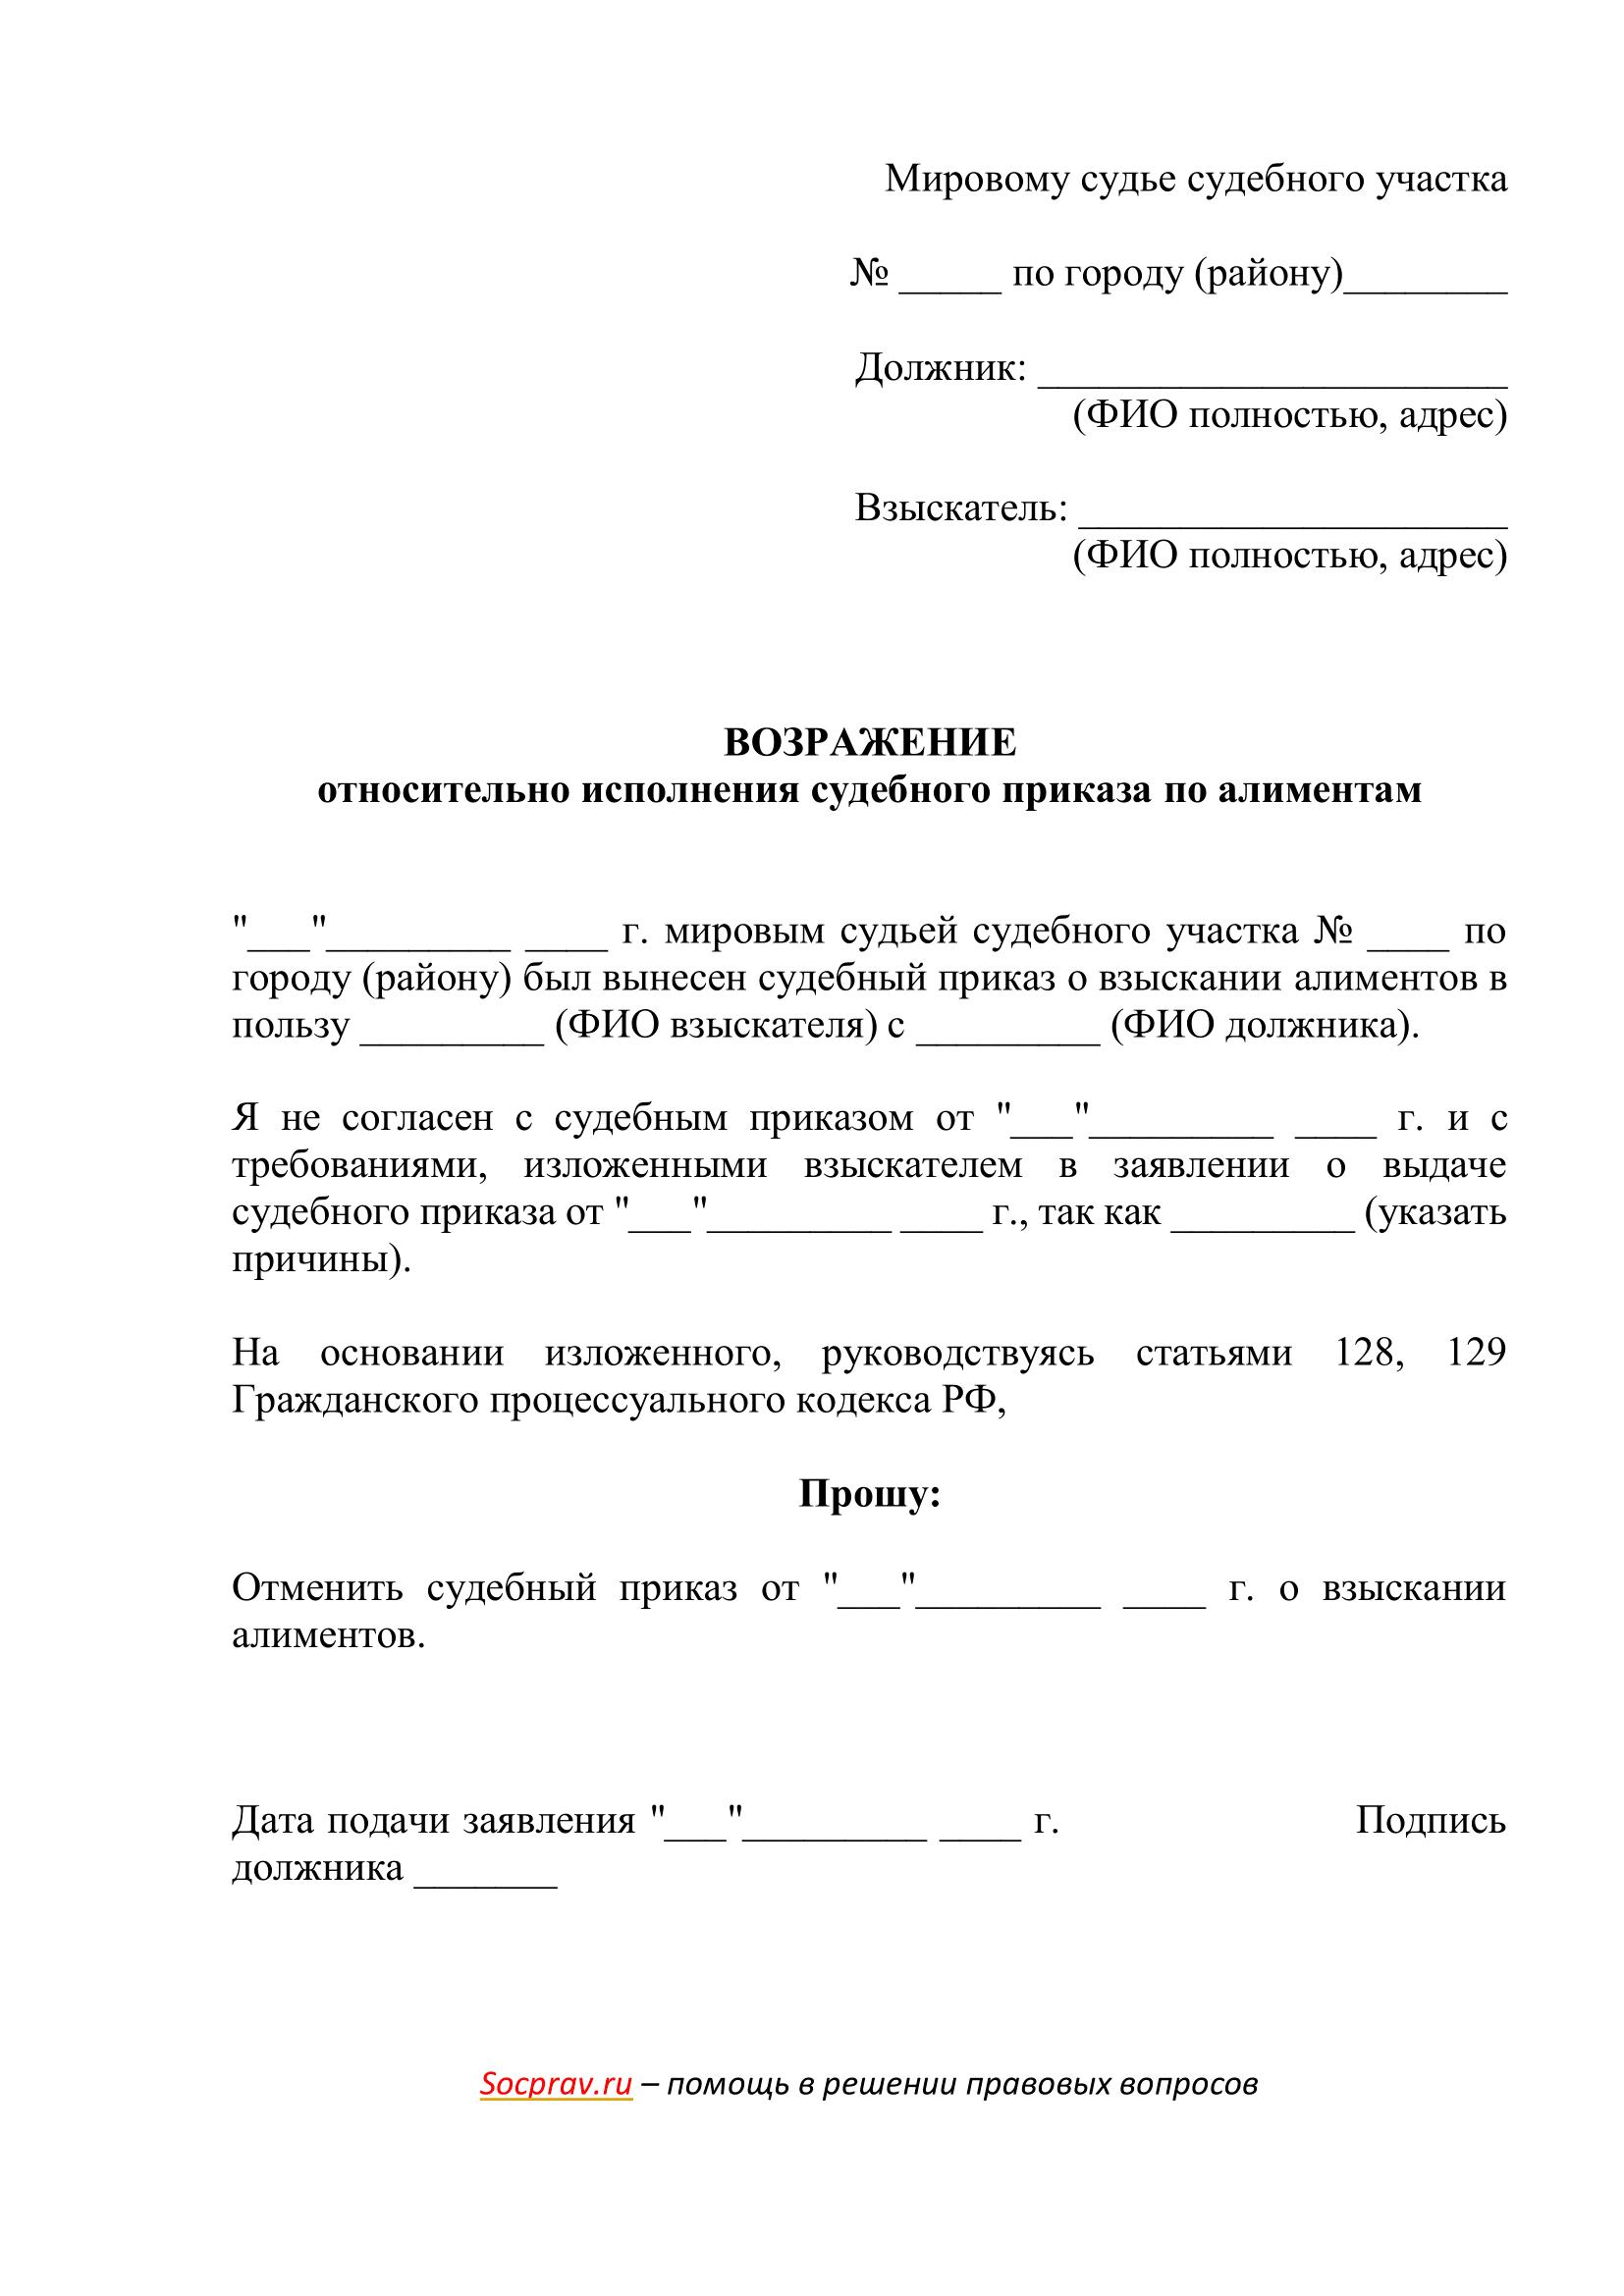 Возражение на судебный приказ о взыскании алиментов. (образец)